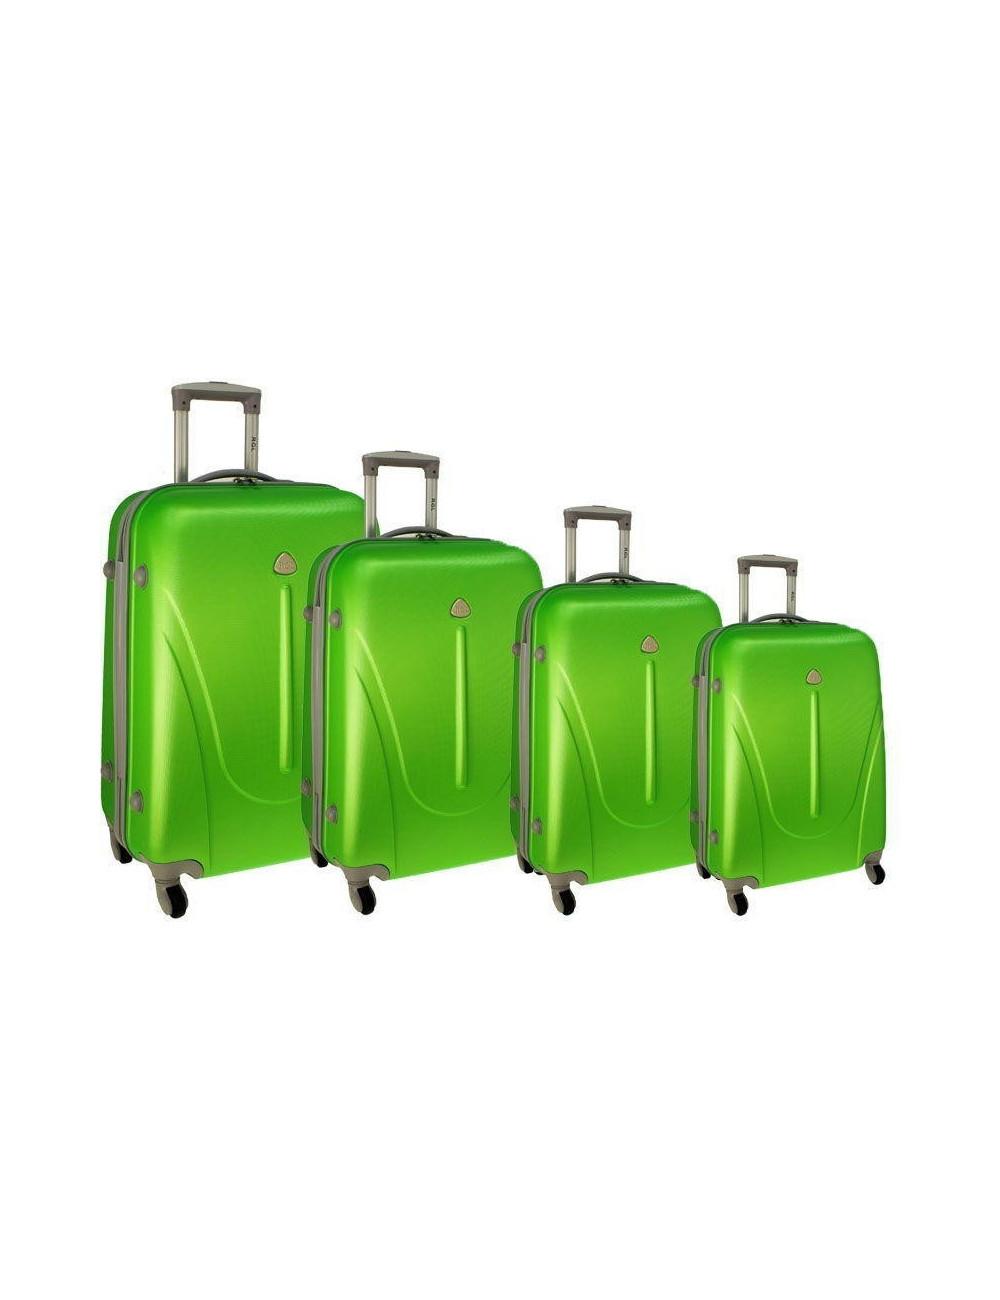 5711539f07e24 Zestaw walizek podróżnych 4w1 883 RGL - hurtowniawalizek.pl